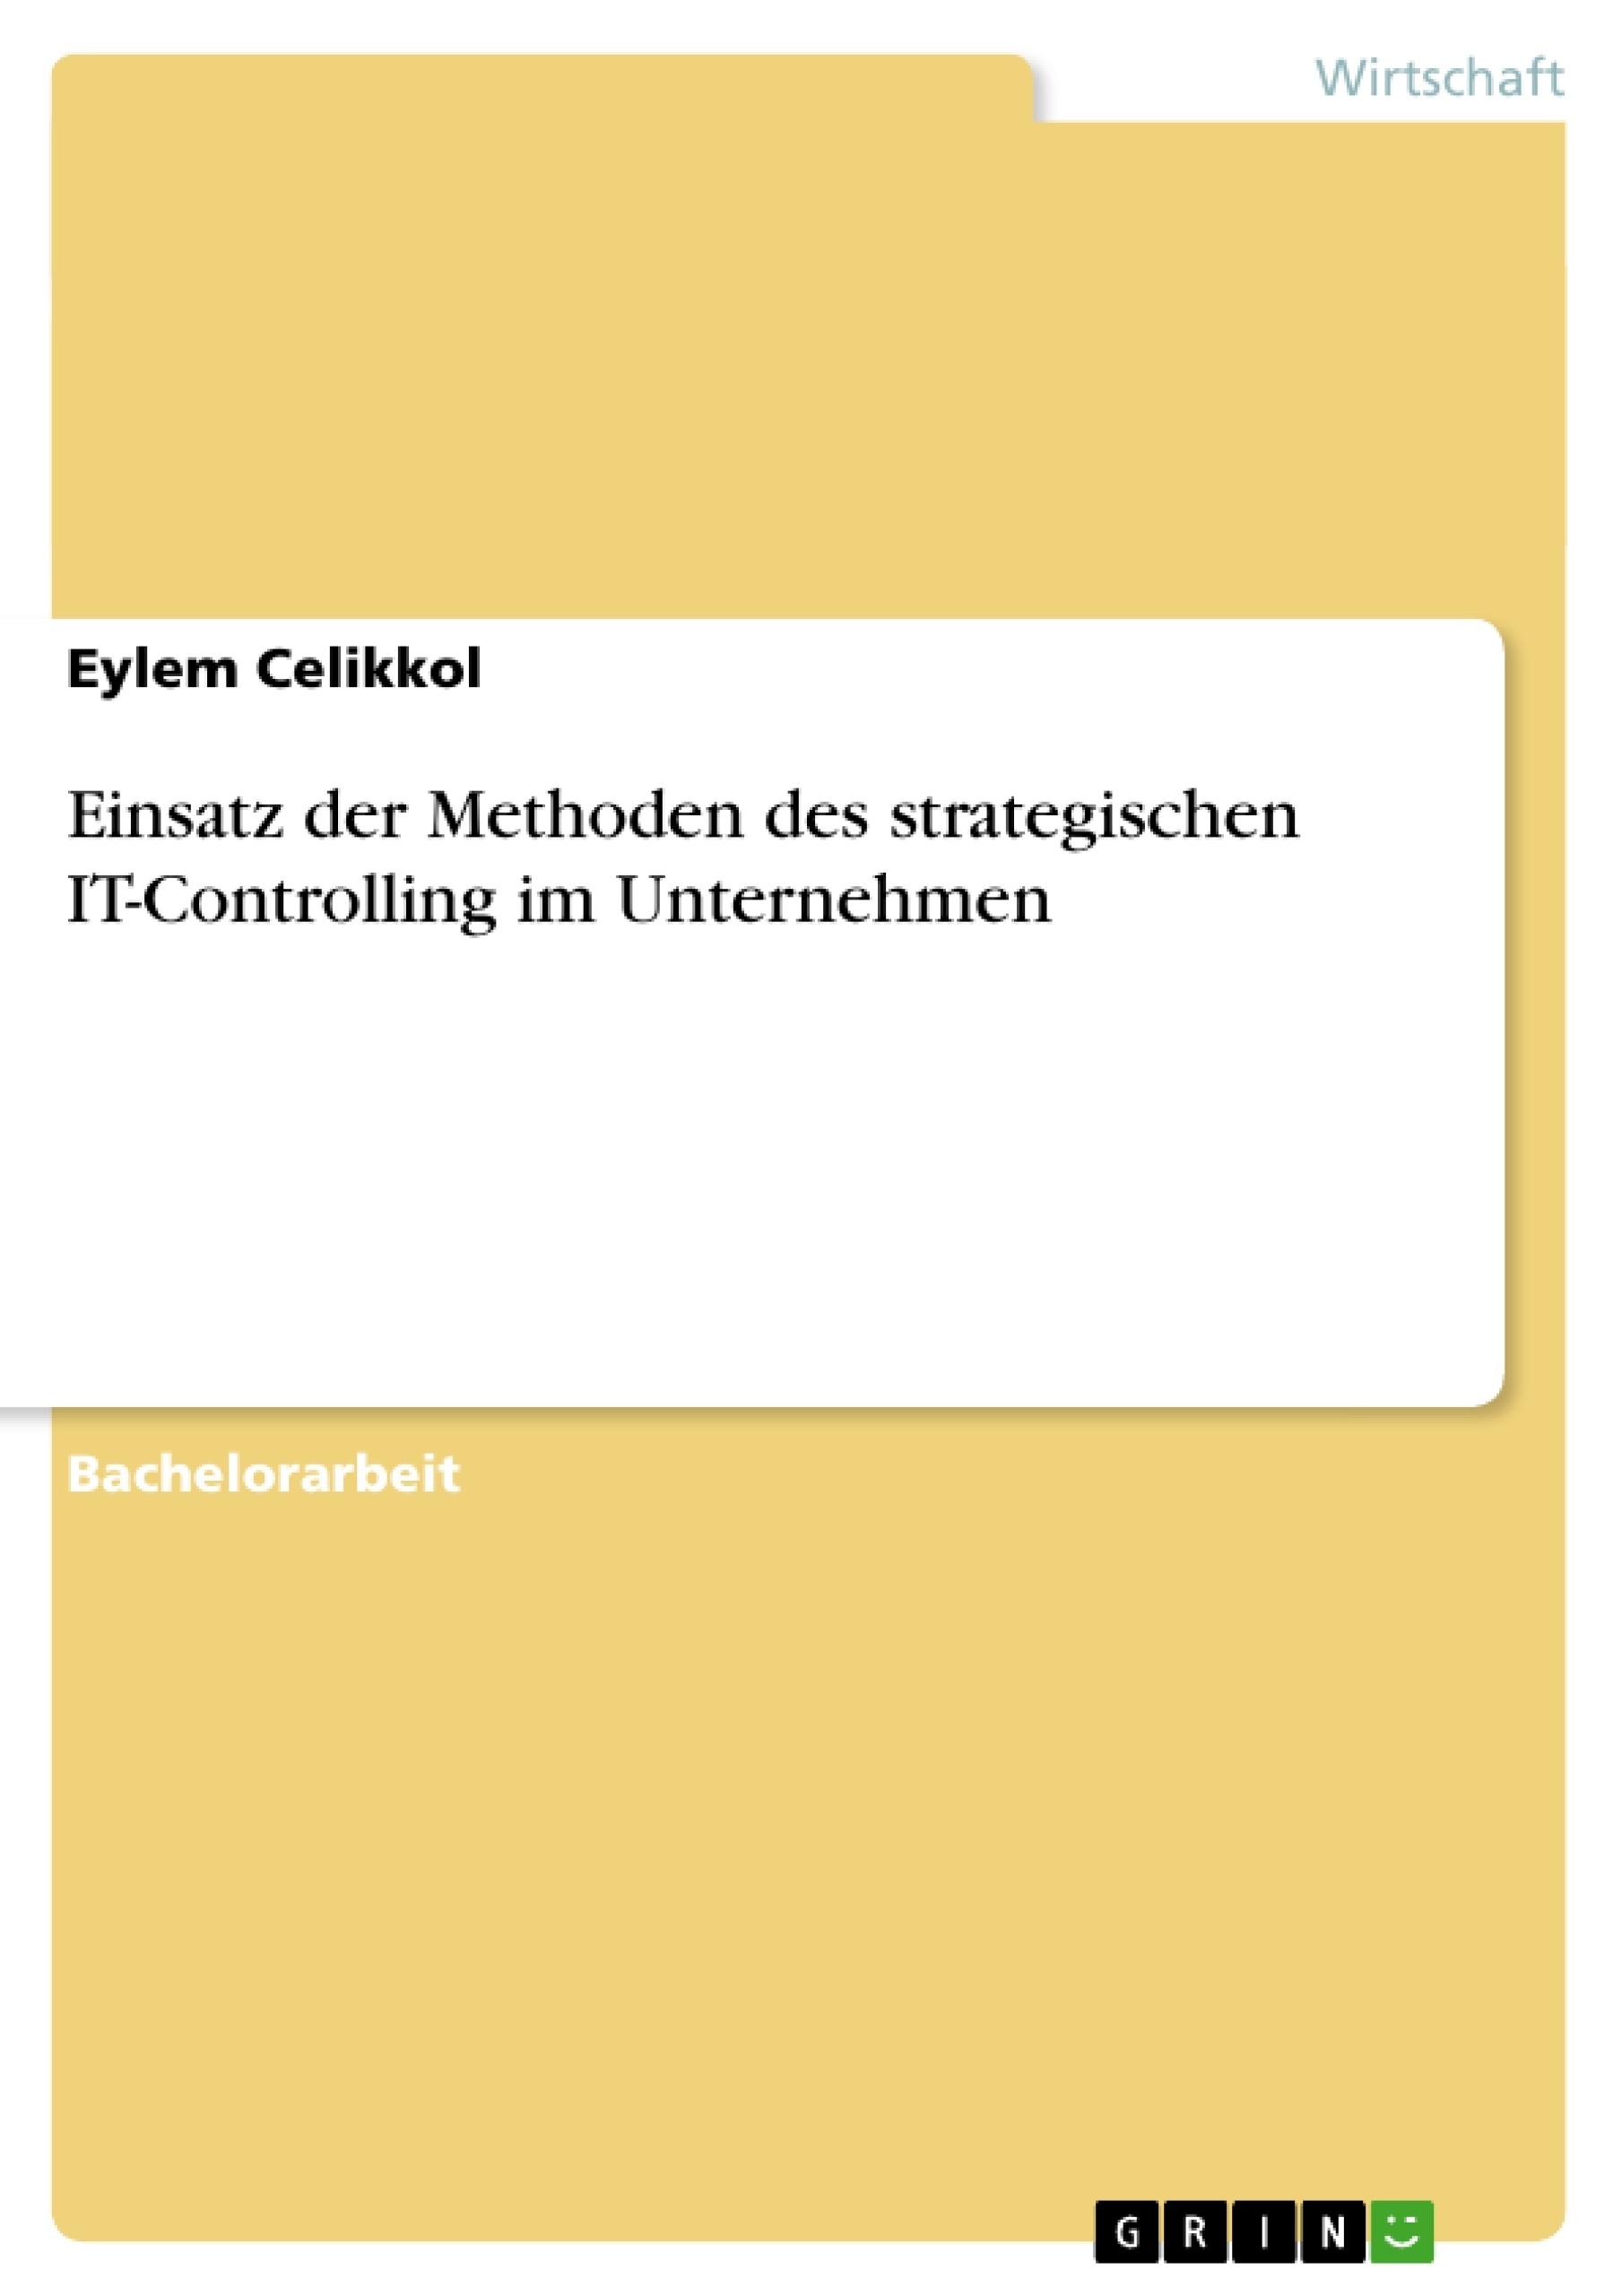 Titel: Einsatz der Methoden des strategischen IT-Controlling im Unternehmen